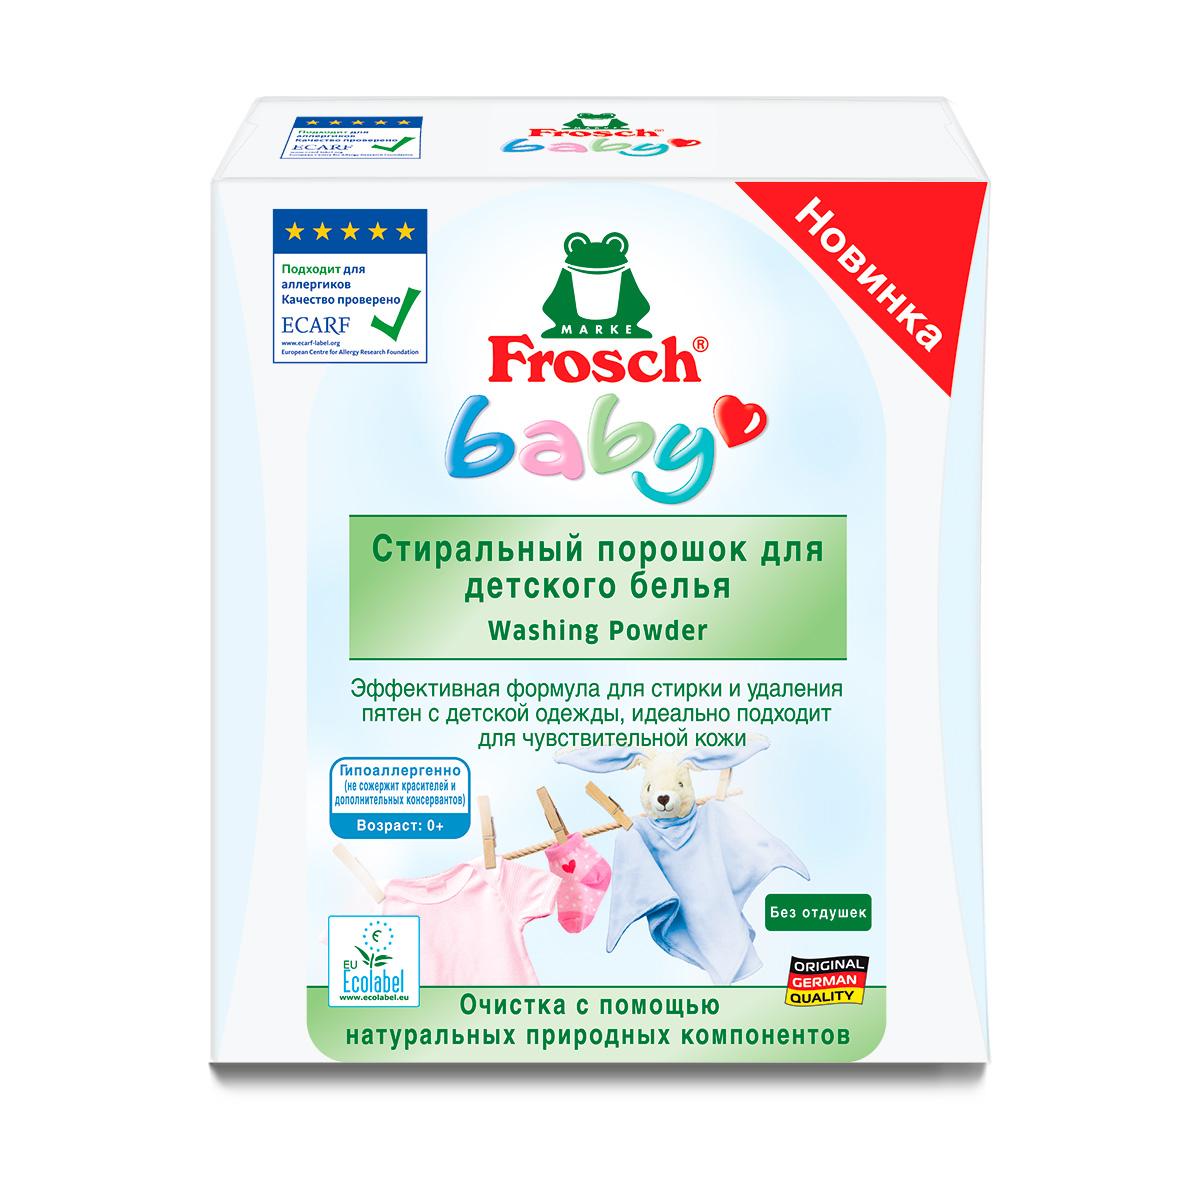 Стиральный порошок Frosch для детского белья 1080 гр<br>